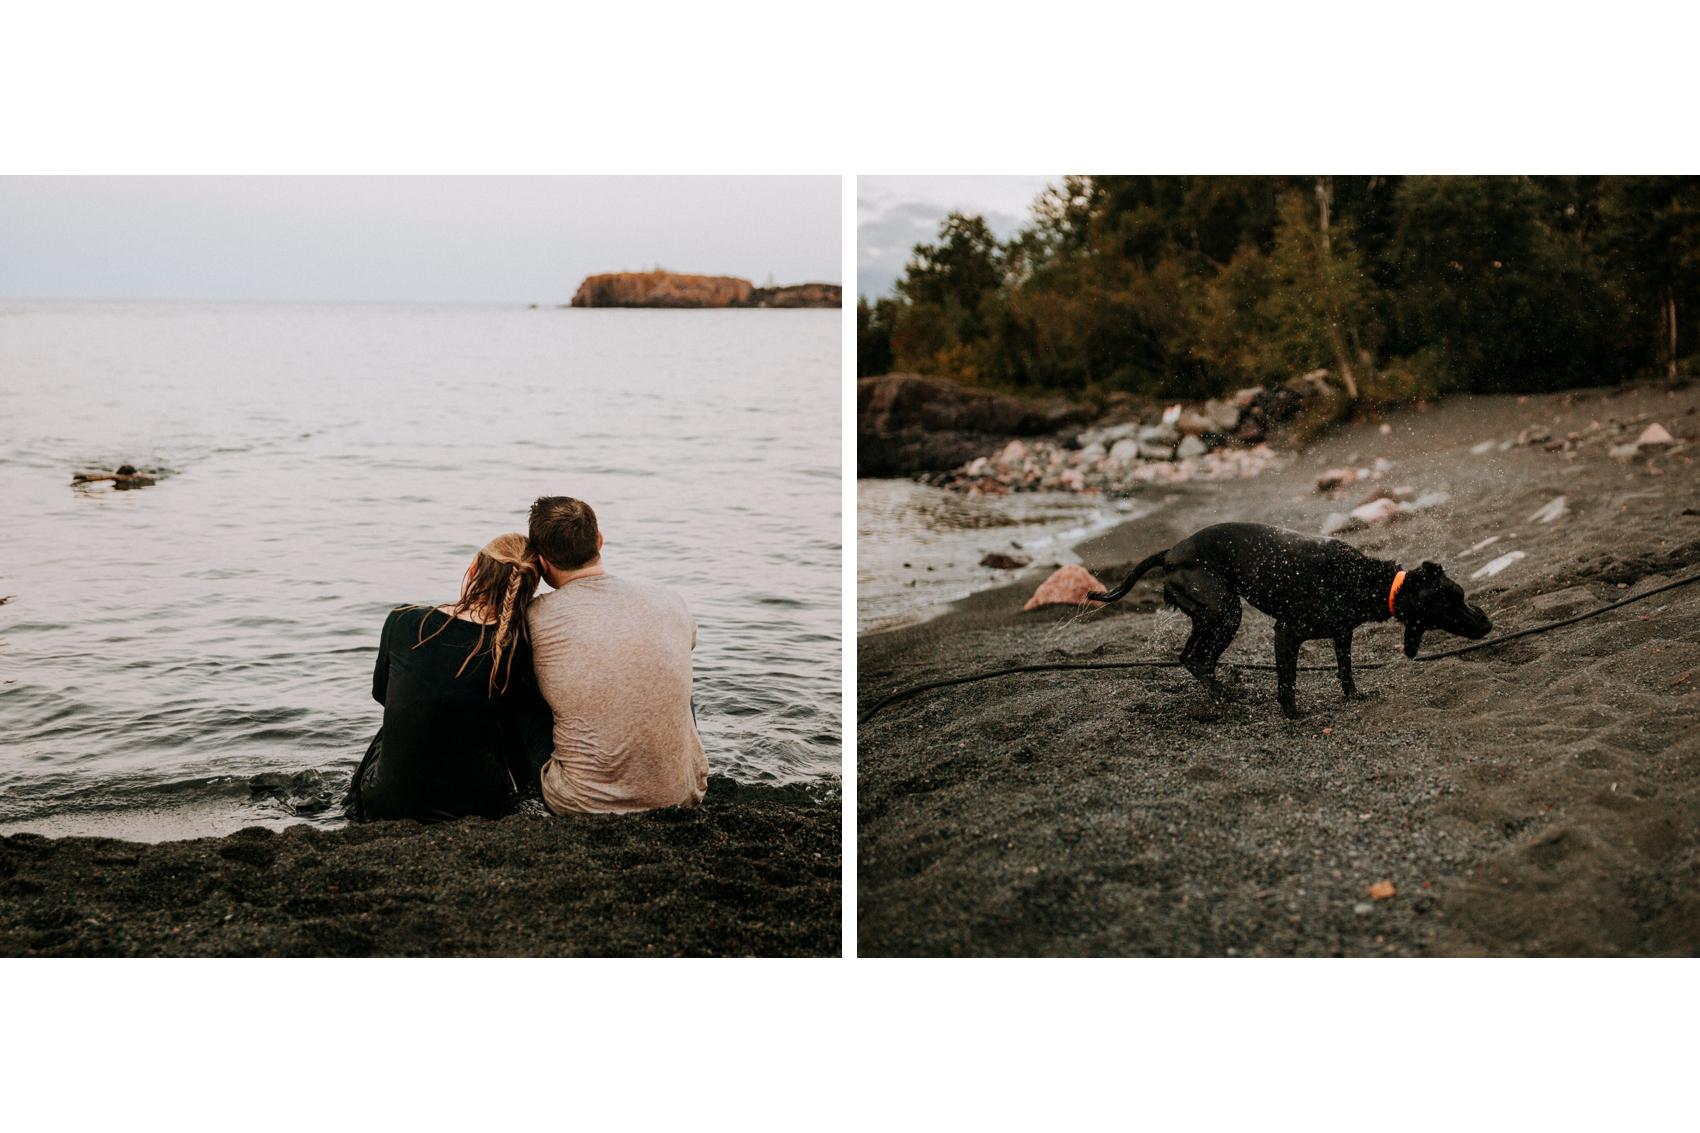 Engagement photo ideas for adventurous couples